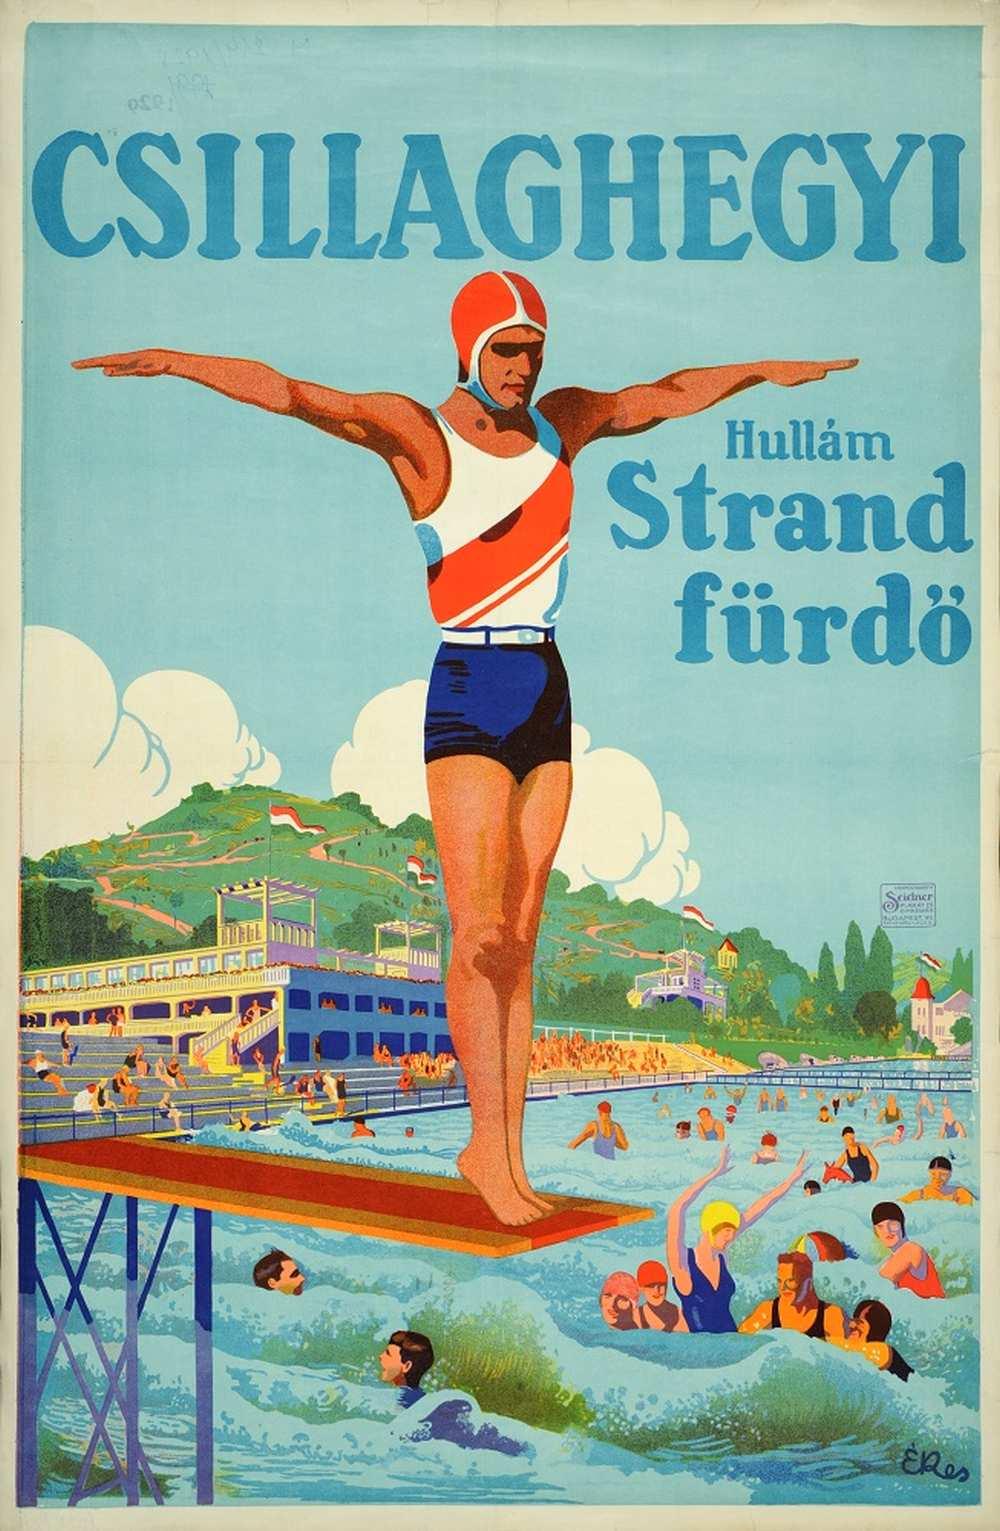 Csabai-Ékes Lajos: Csillaghegyi Hullám Strand fürdő (1928). Jelzet: PKG.1928/214 – Térkép-, Plakát- és Kisnyomtatványtár http://nektar.oszk.hu/hu/manifestation/2663615